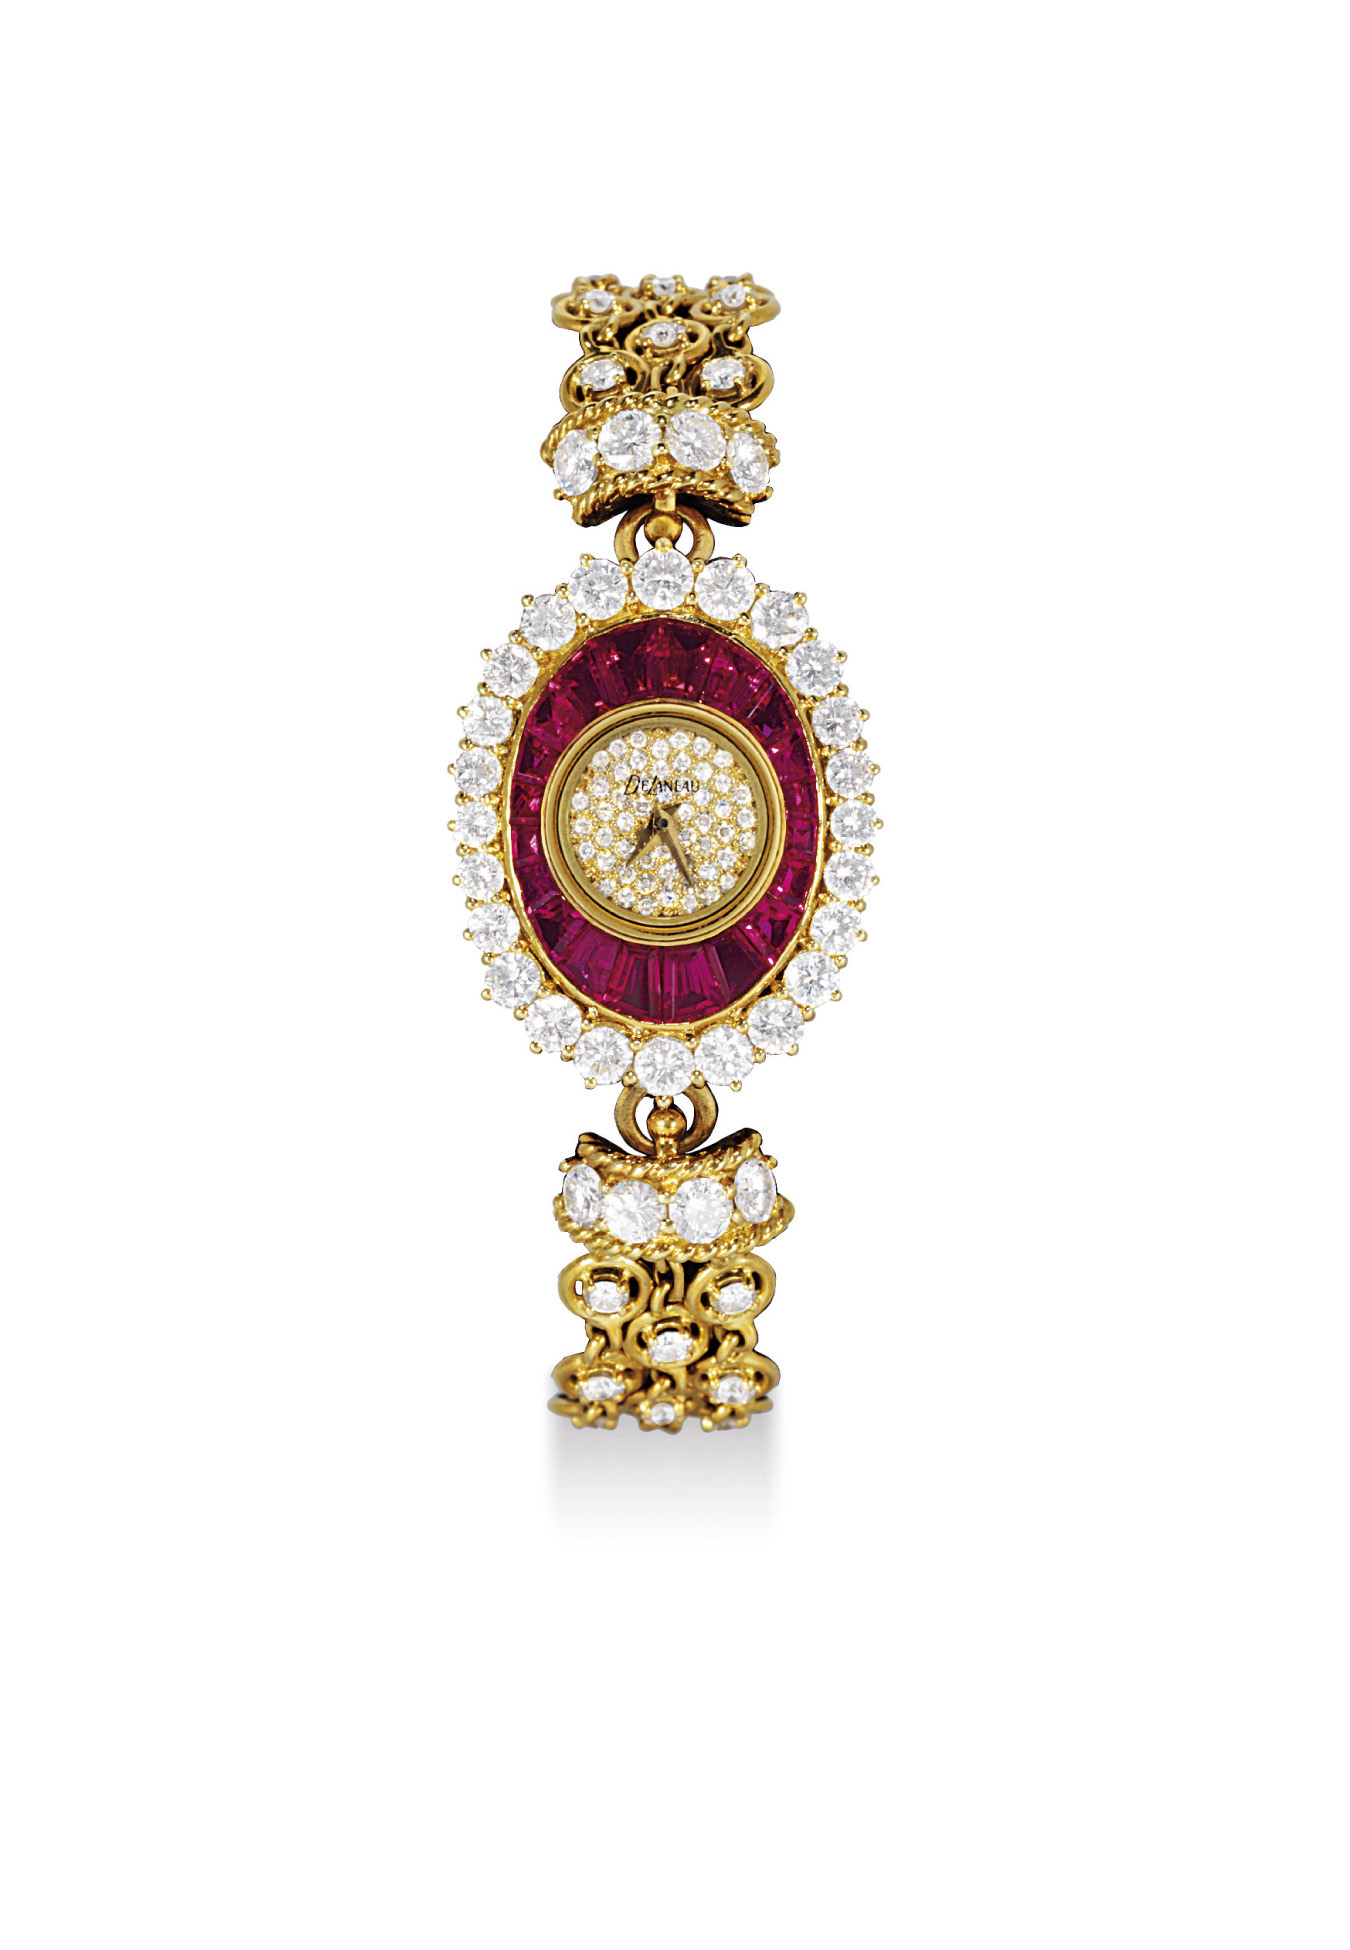 DELANEAU. A LADY'S FINE 18K GOLD, RUBY AND DIAMOND-SET OVAL BRACELET WATCH